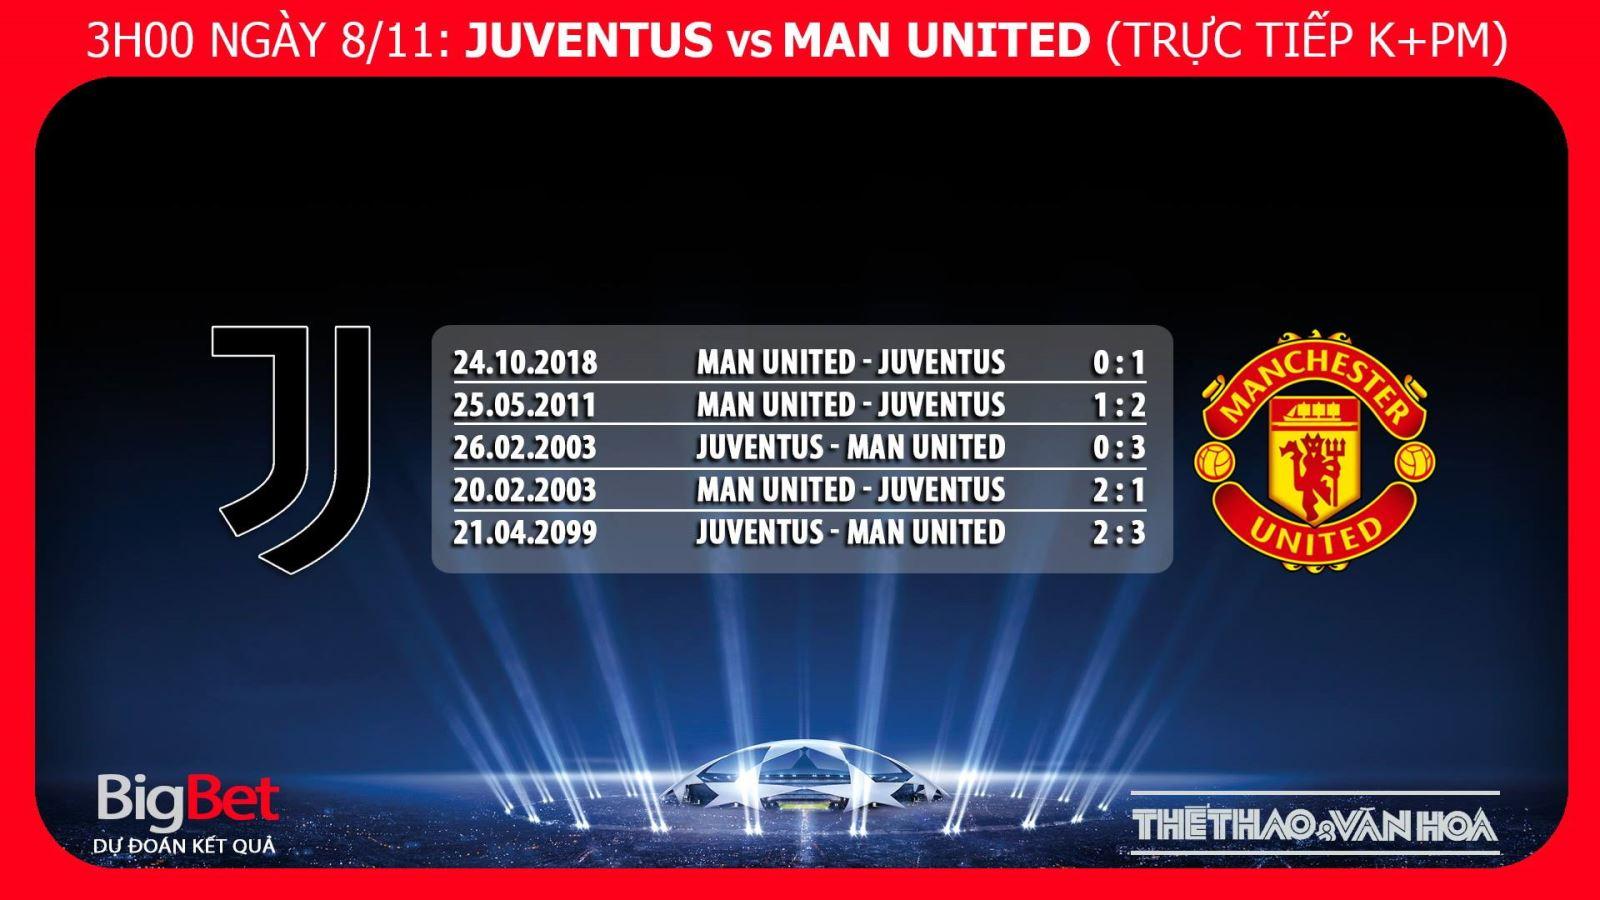 Soi kèo và nhận địnhJuventus vs M.U thuộc vòng bảng Cúp C1. Dự đoán bóng đá Juve vs MU tại Champions League.